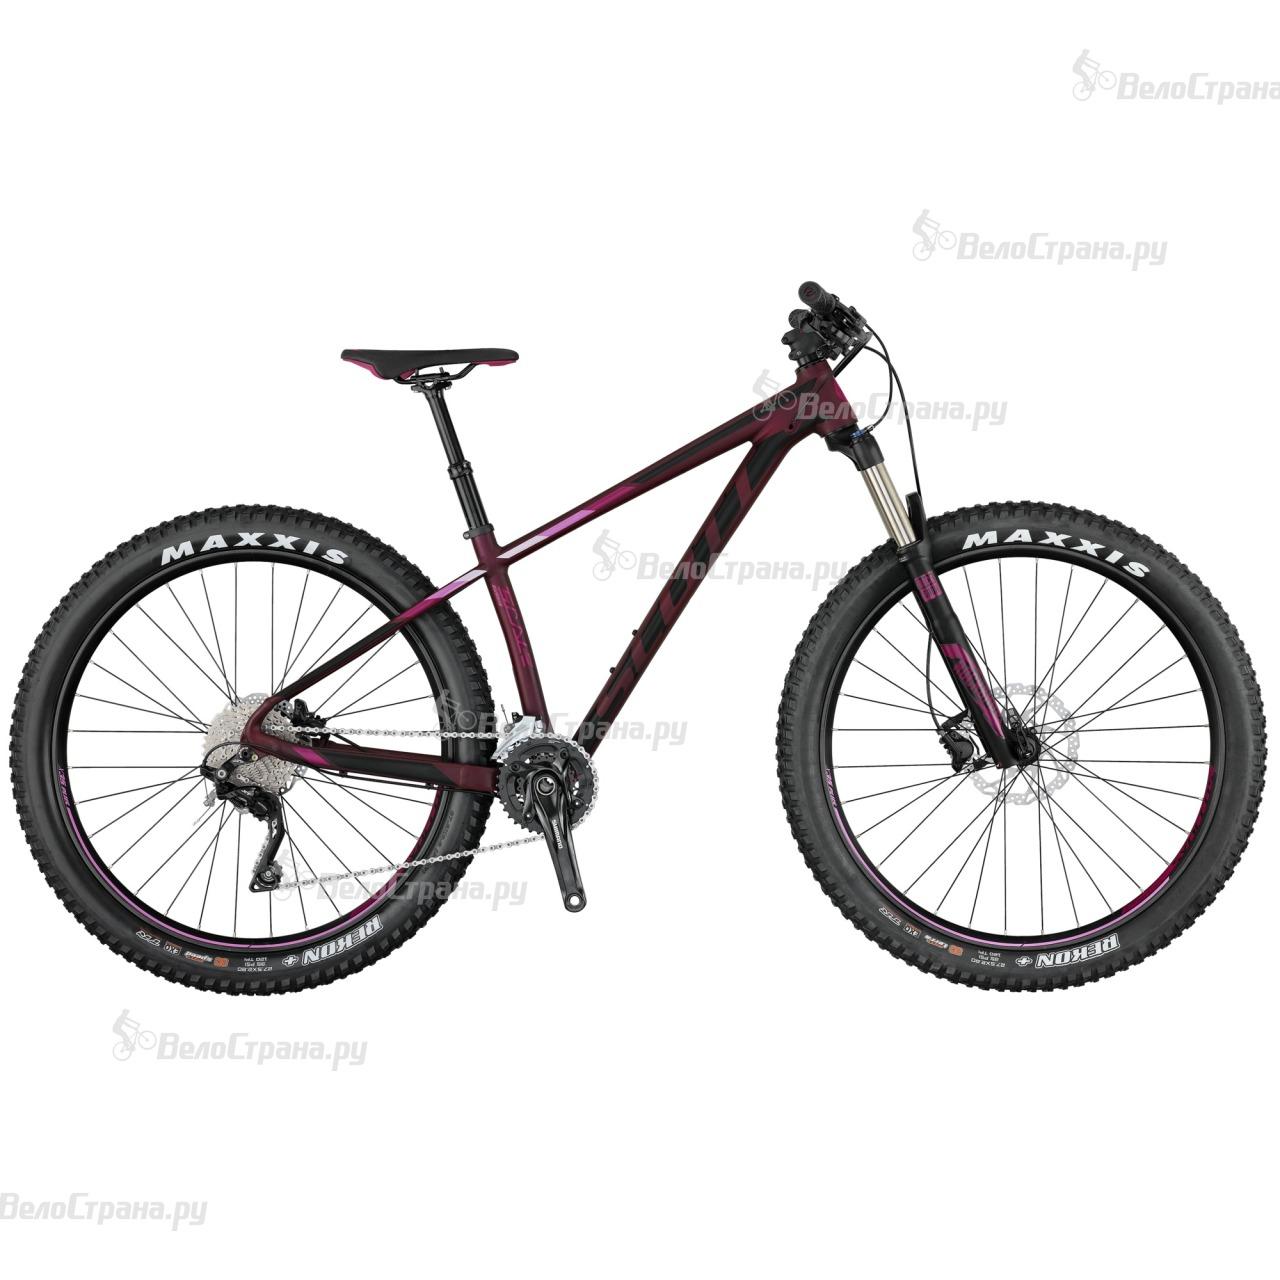 Велосипед Scott Contessa Scale 710 Plus (2017)